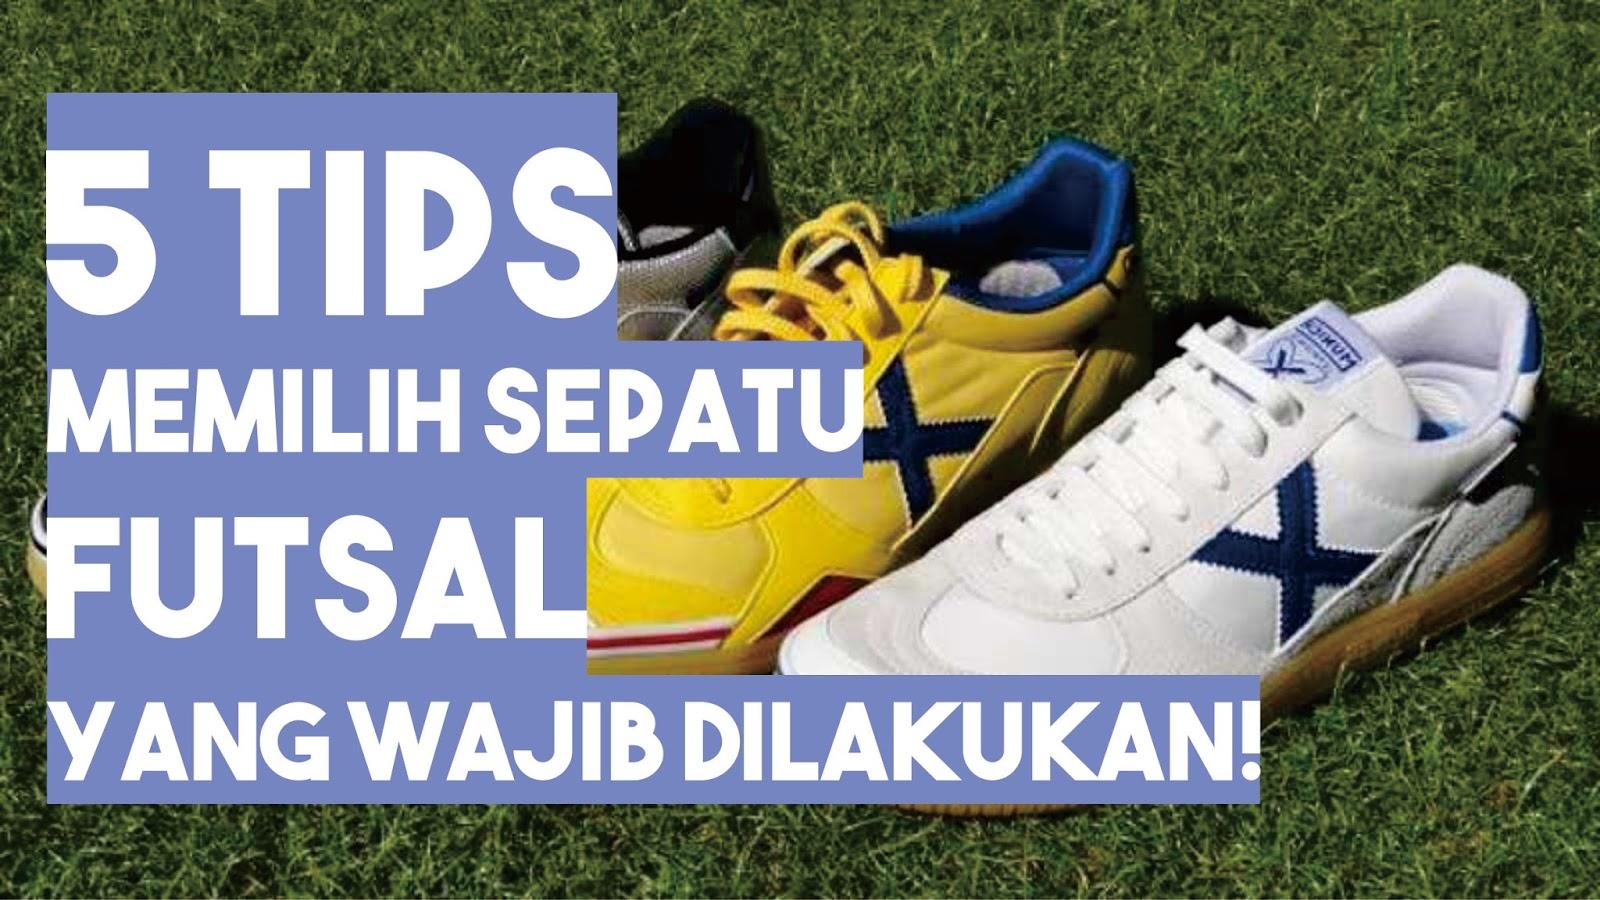 5 Tips Memilih Sepatu Futsal yang WAJIB Kamu Lakukan! - Adya Razan 156d4a6b05